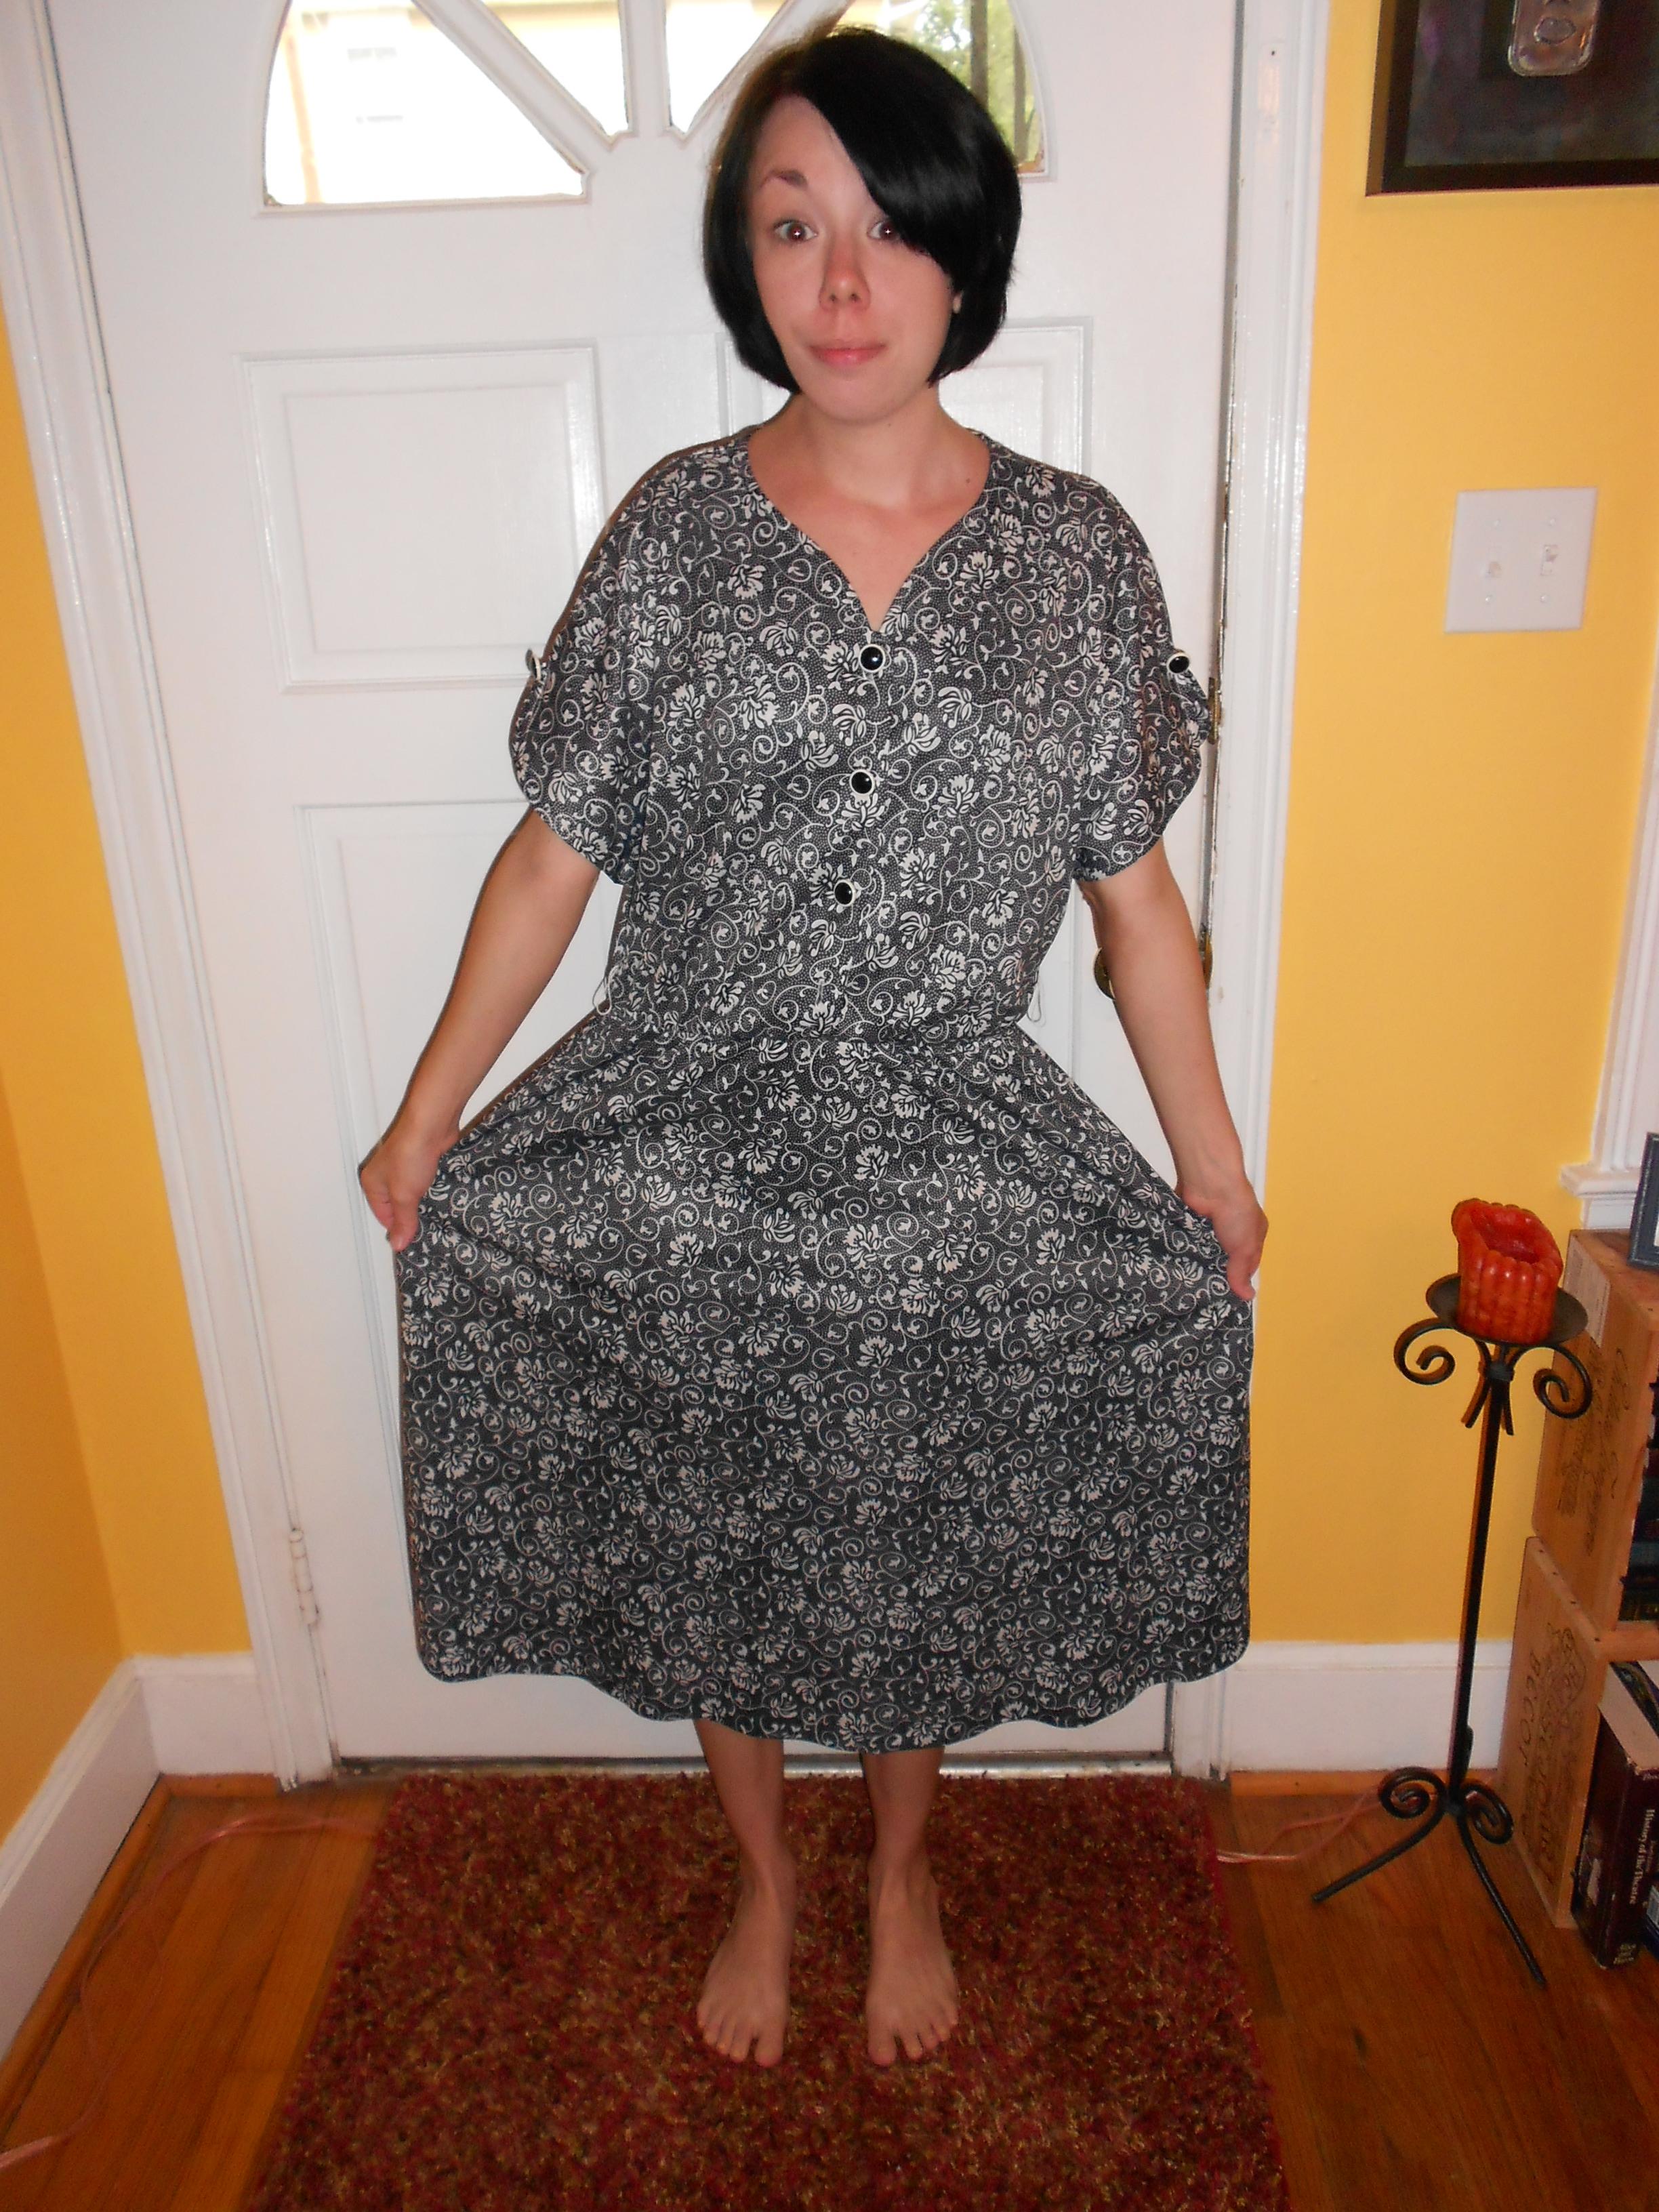 Day 80:  Pleasantville Dress 2